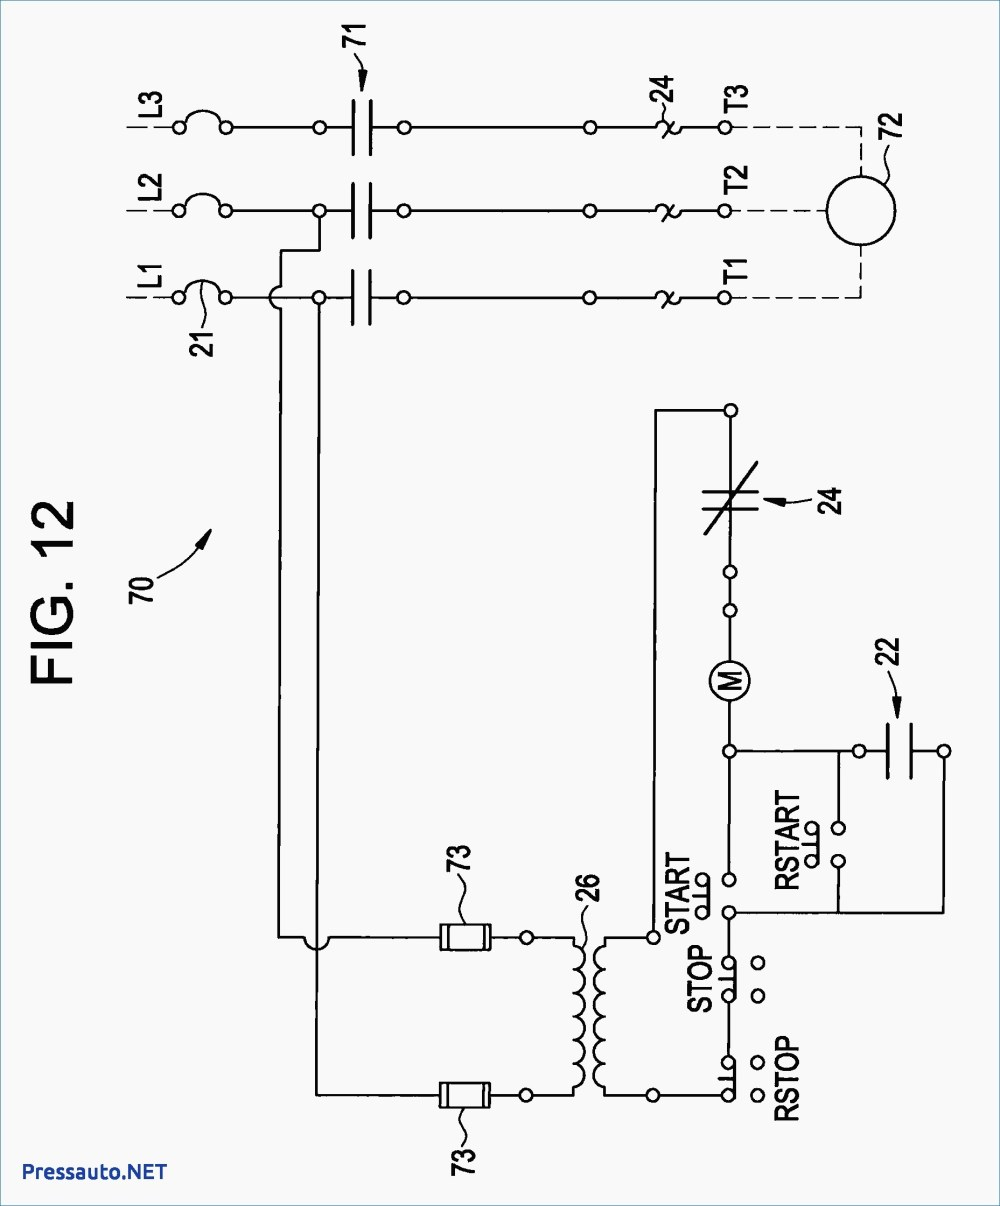 medium resolution of reversing starter wiring diagram